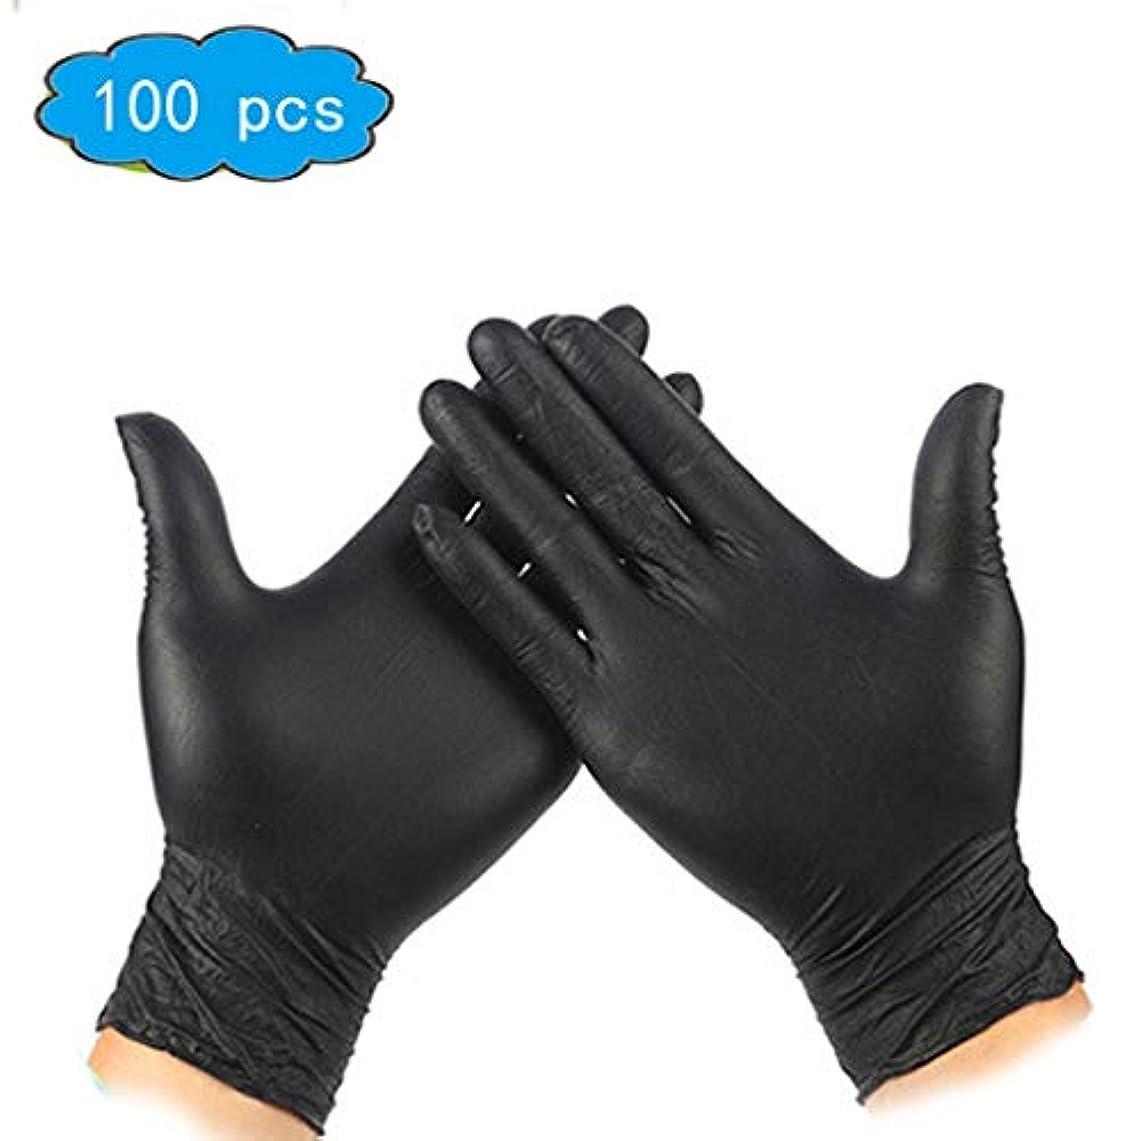 逮捕インセンティブるパウダーフリーブラックニトリル検査用手袋、指ヒント質感、100のボックス (Color : Black, Size : S)